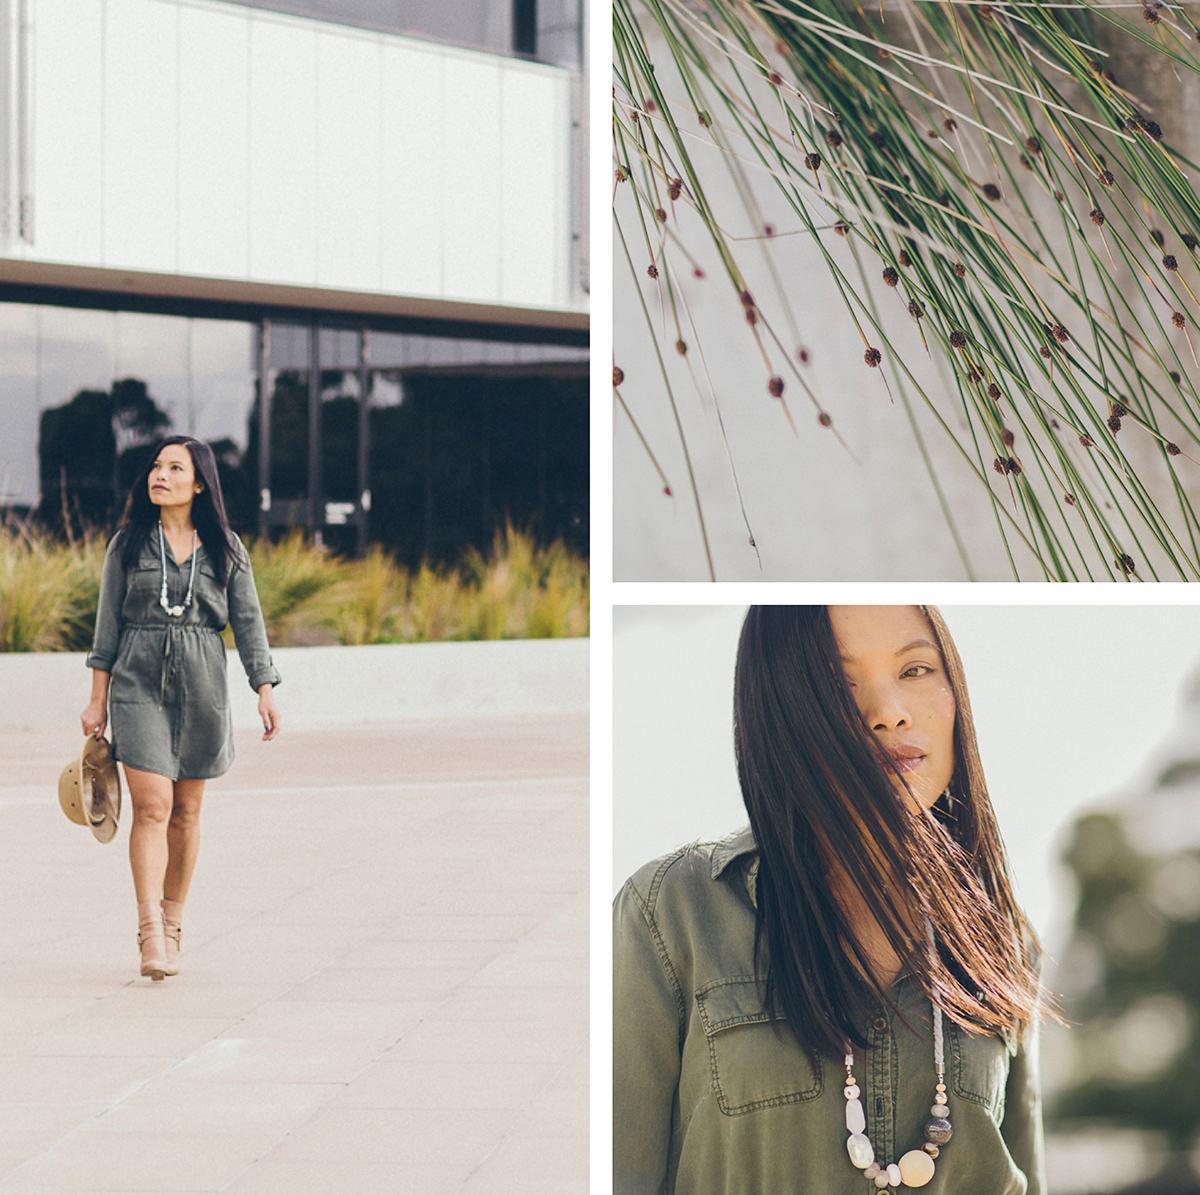 safari styled fashion photography